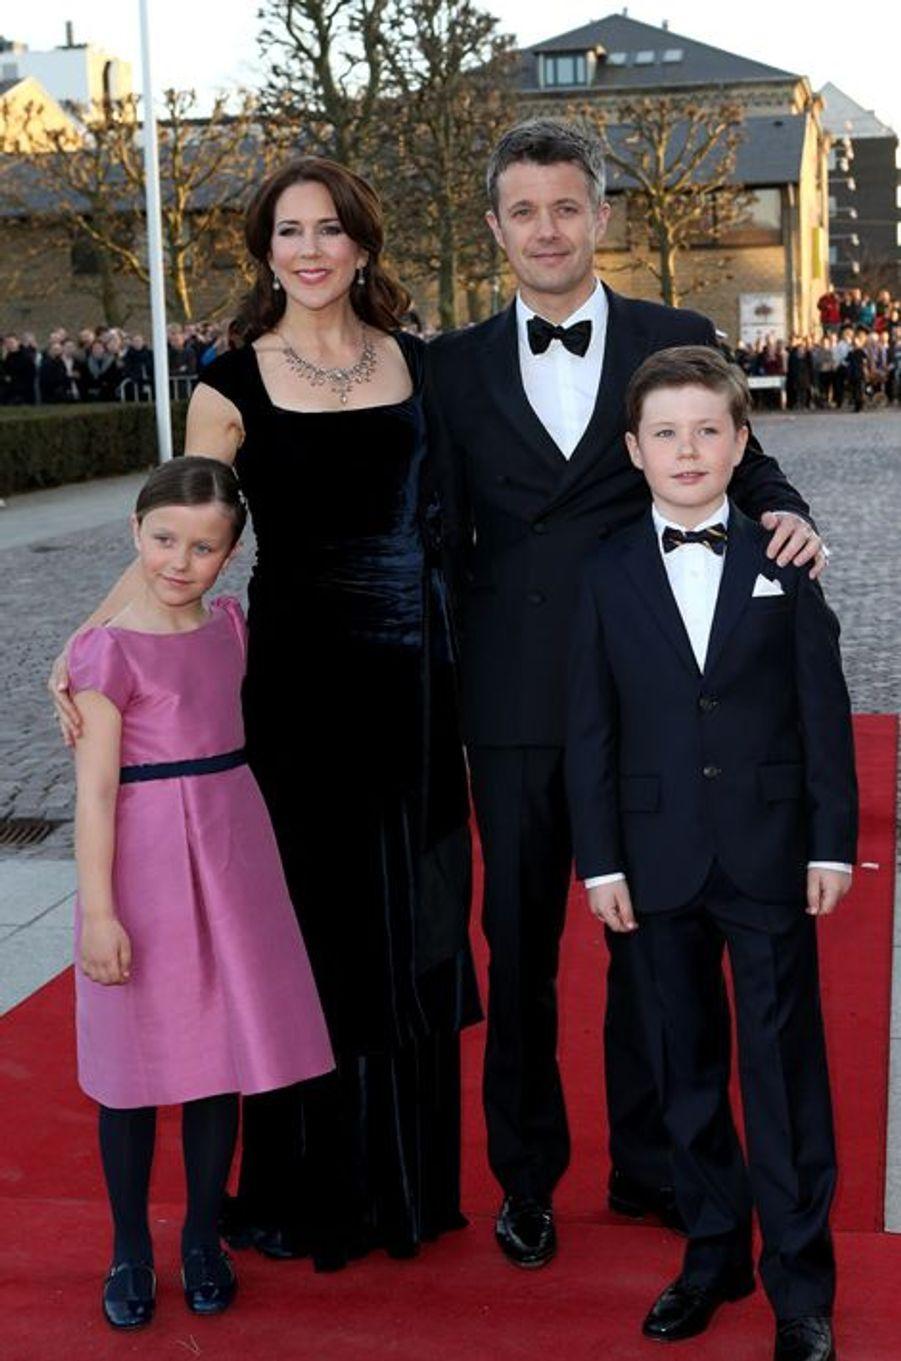 La princesse Mary et le prince Frederik de Danemark avec Christian et Isabella à Aarhus, le 8 avril 2015